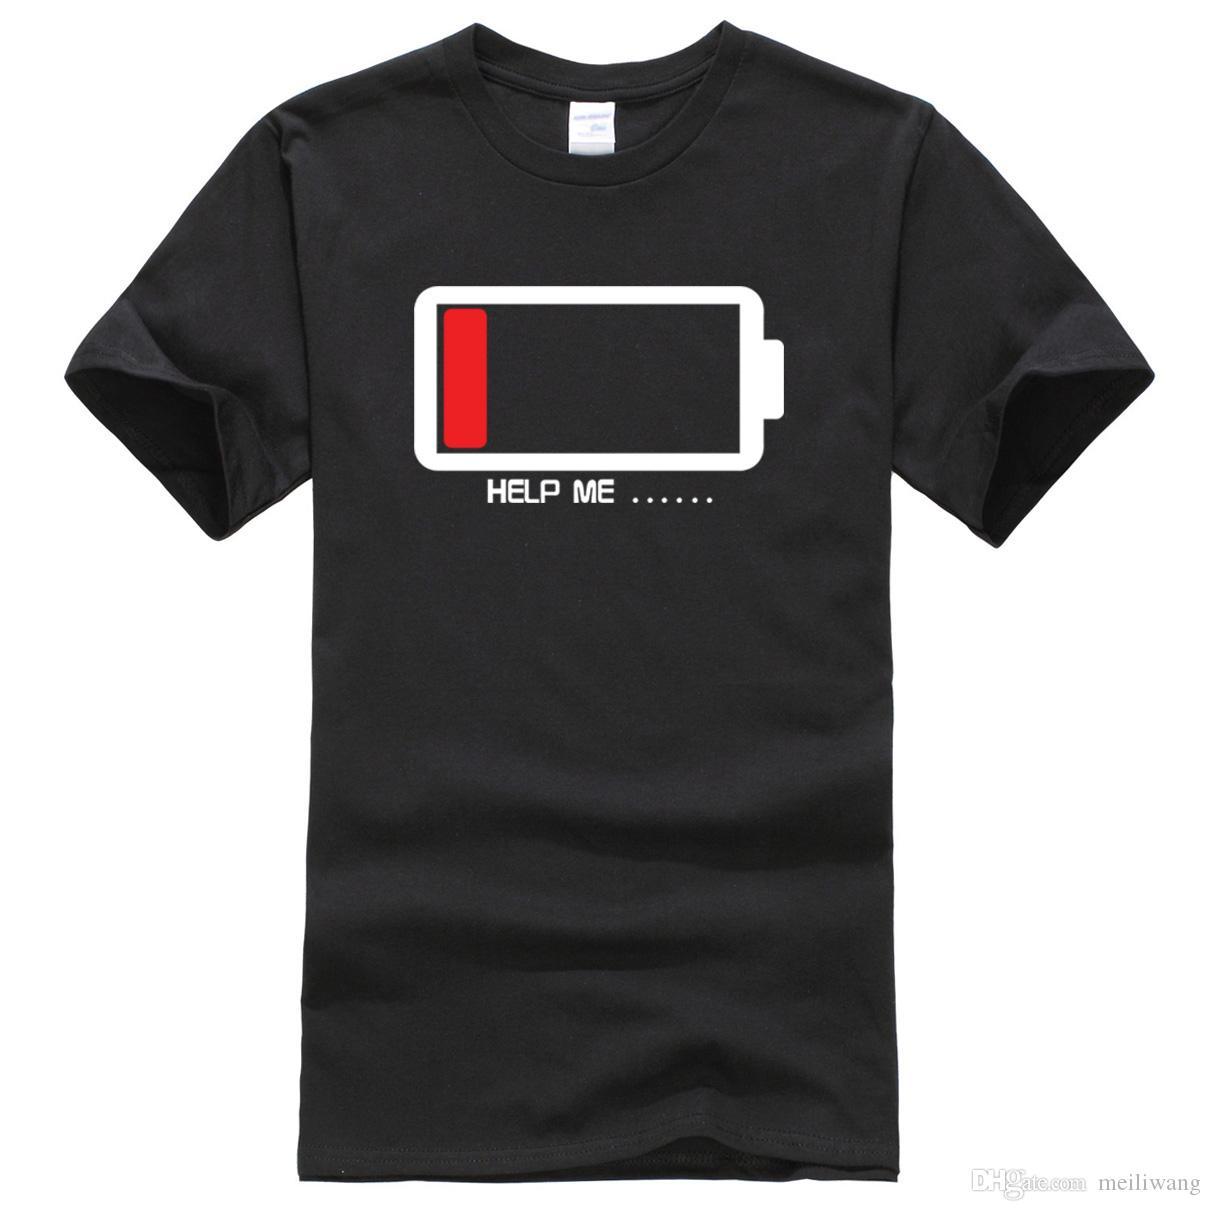 T-shirt do verão Baterias Me Ajude camisetas engraçadas 100% algodão de alta qualidade dos homens T-shirt harajuku aptidão camiseta homens topos